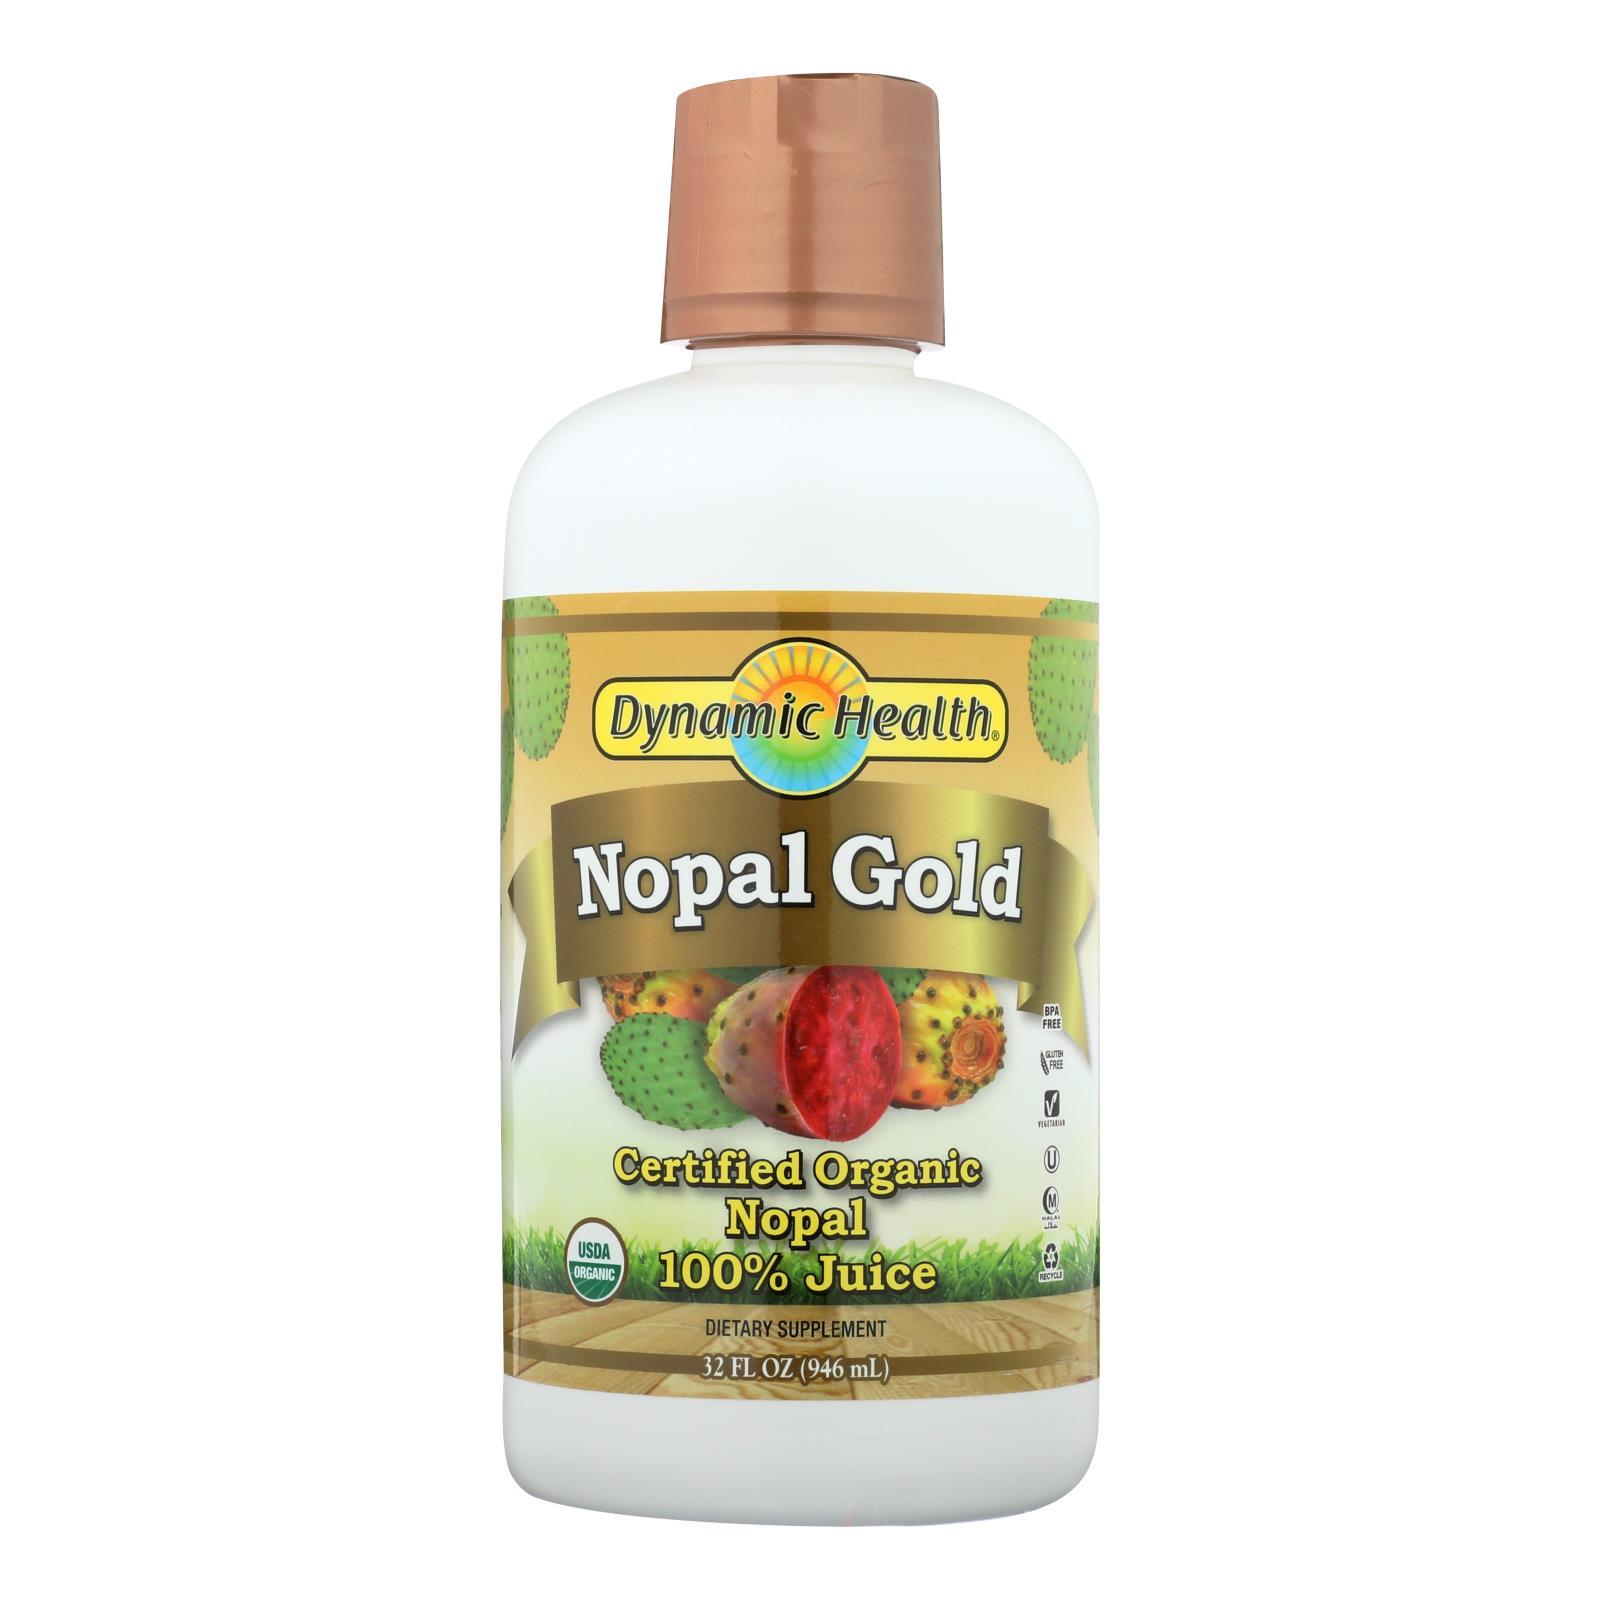 Dynamic Health Organic Certified Nopal Gold - 32 fl oz